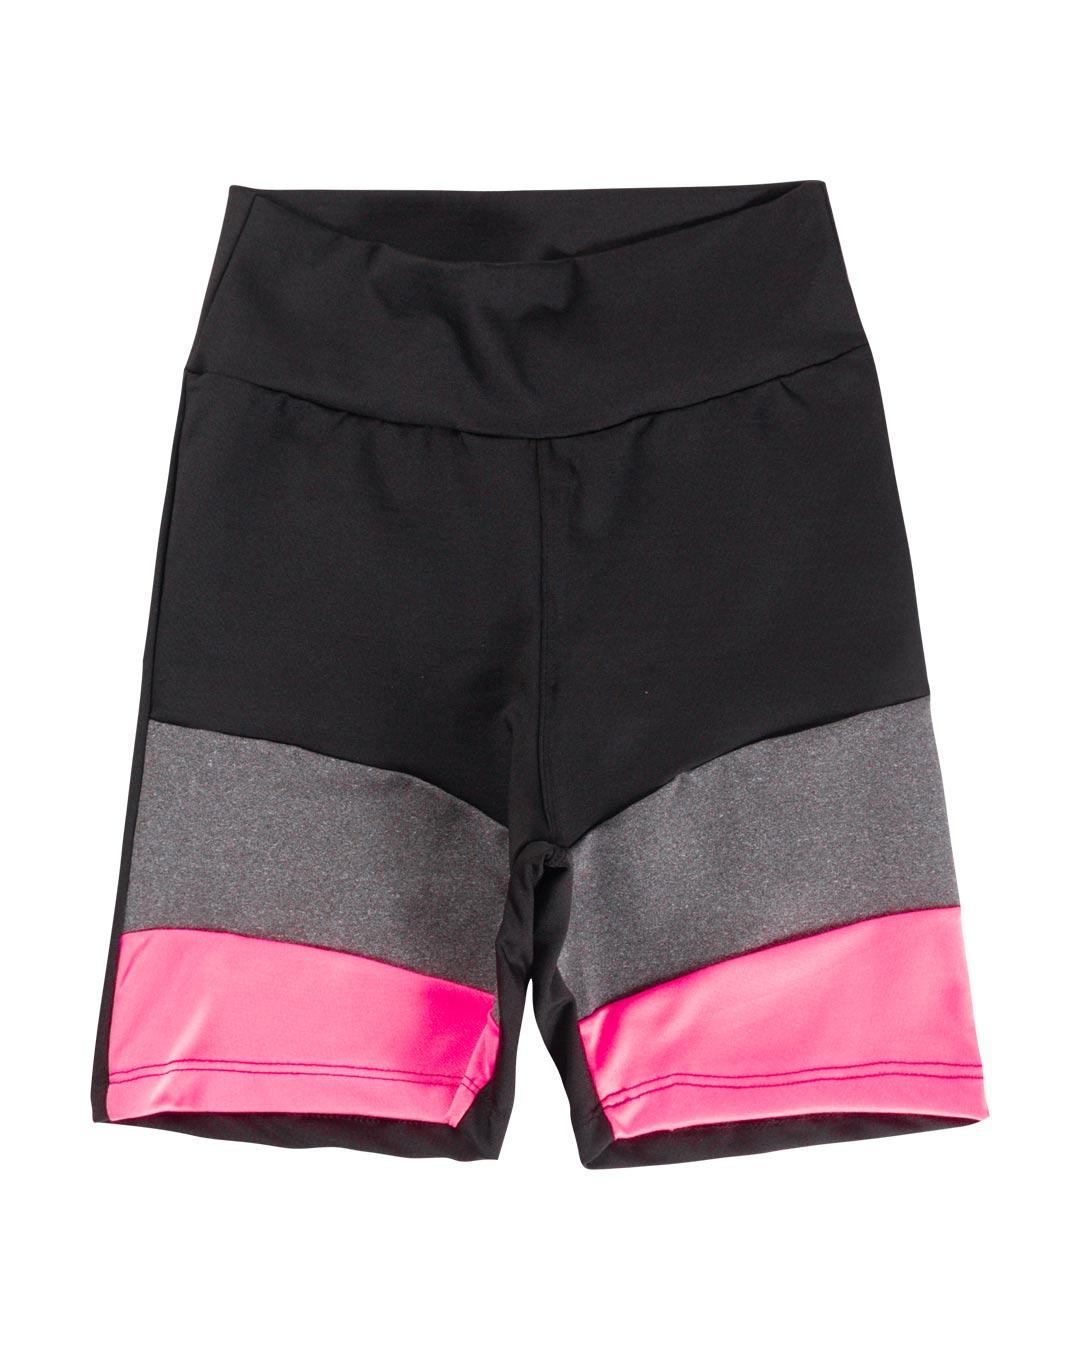 Shorts Fitness Preto Com Detalhe Mescla e Rosa - Movimente-se